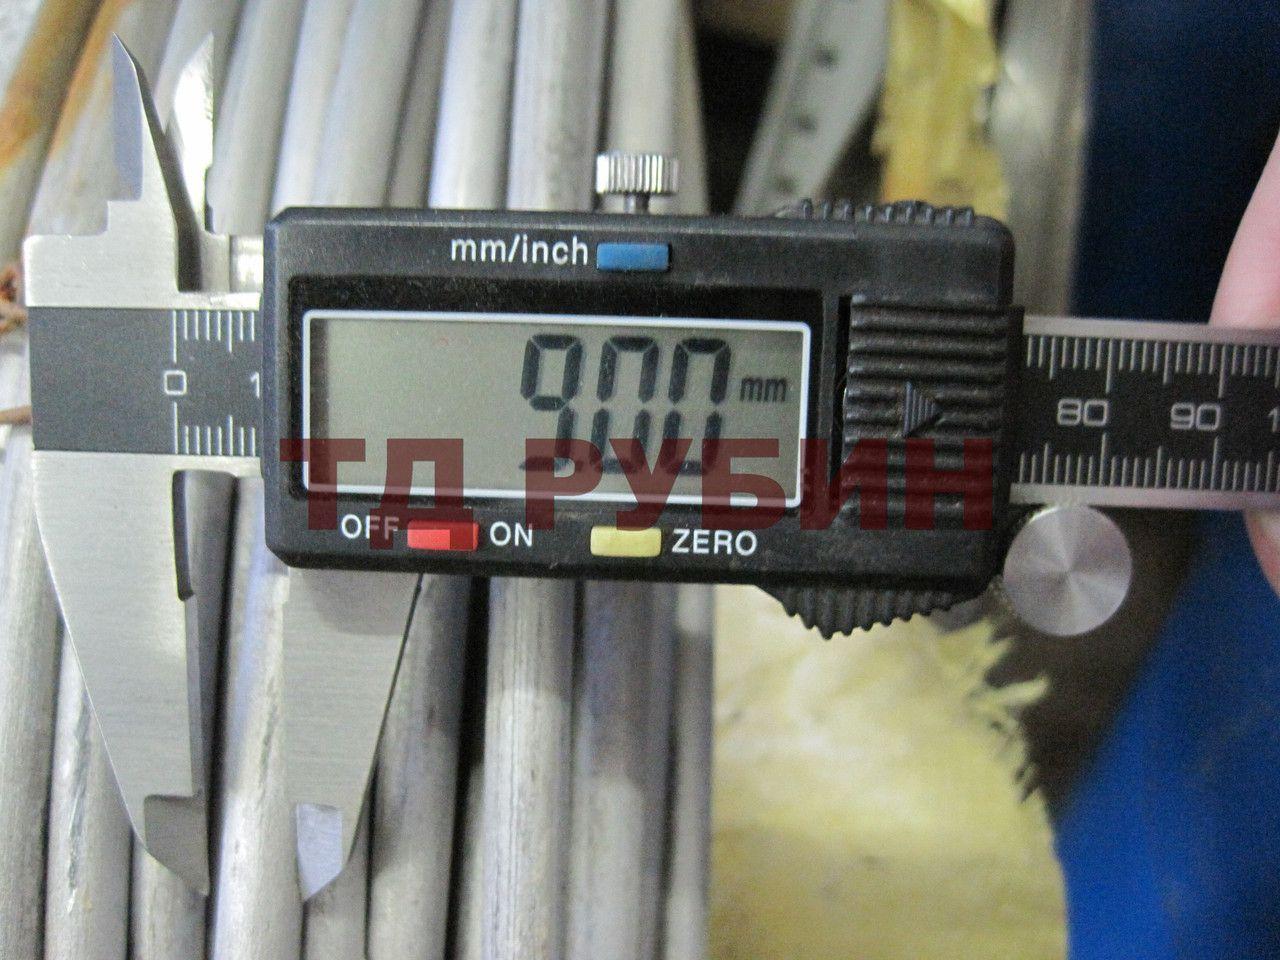 Проволока нихром Х20Н80 ф 9.0 мм